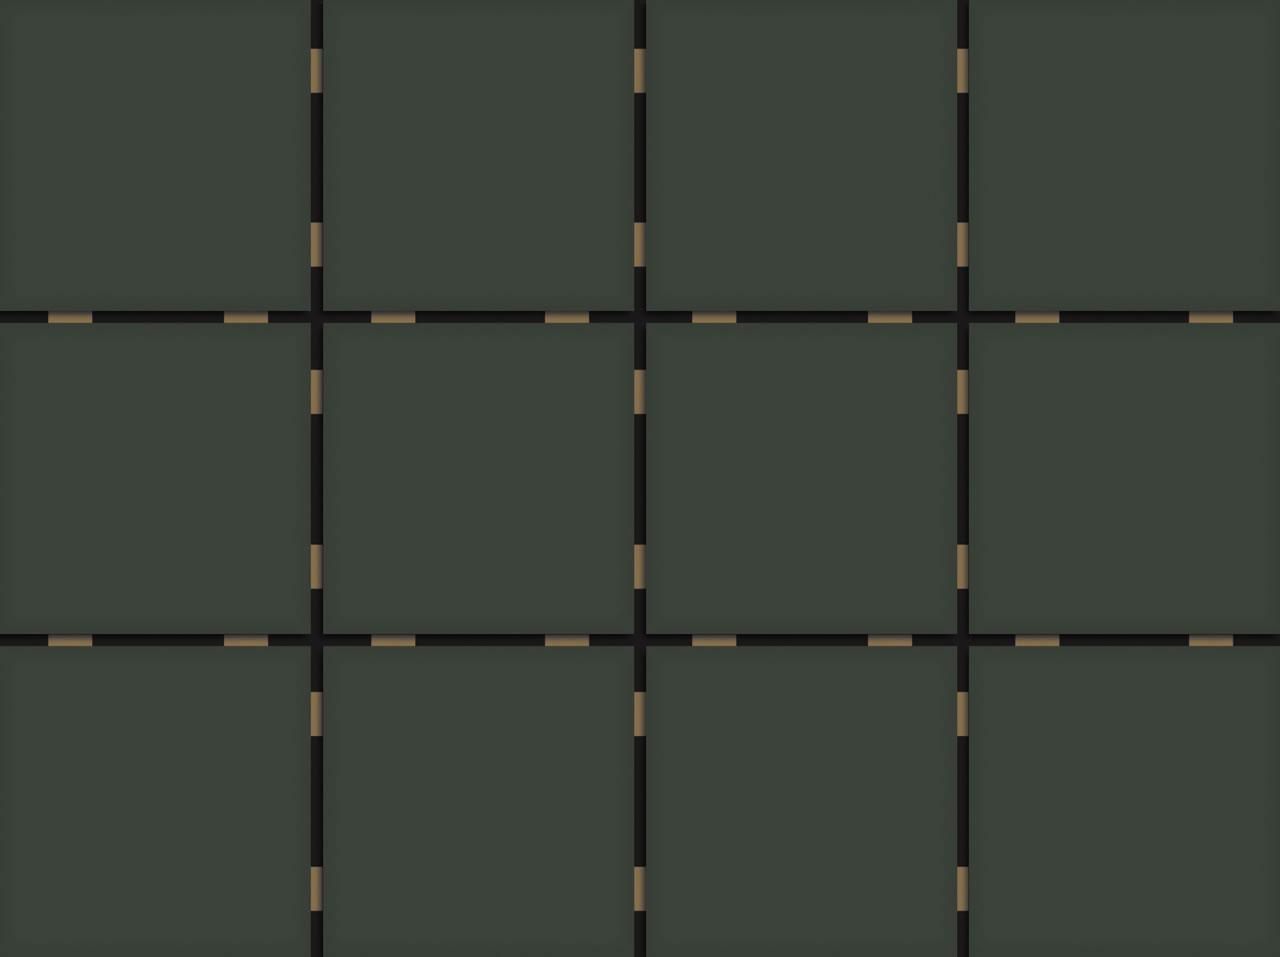 galeria amazonia mesh br 10×10